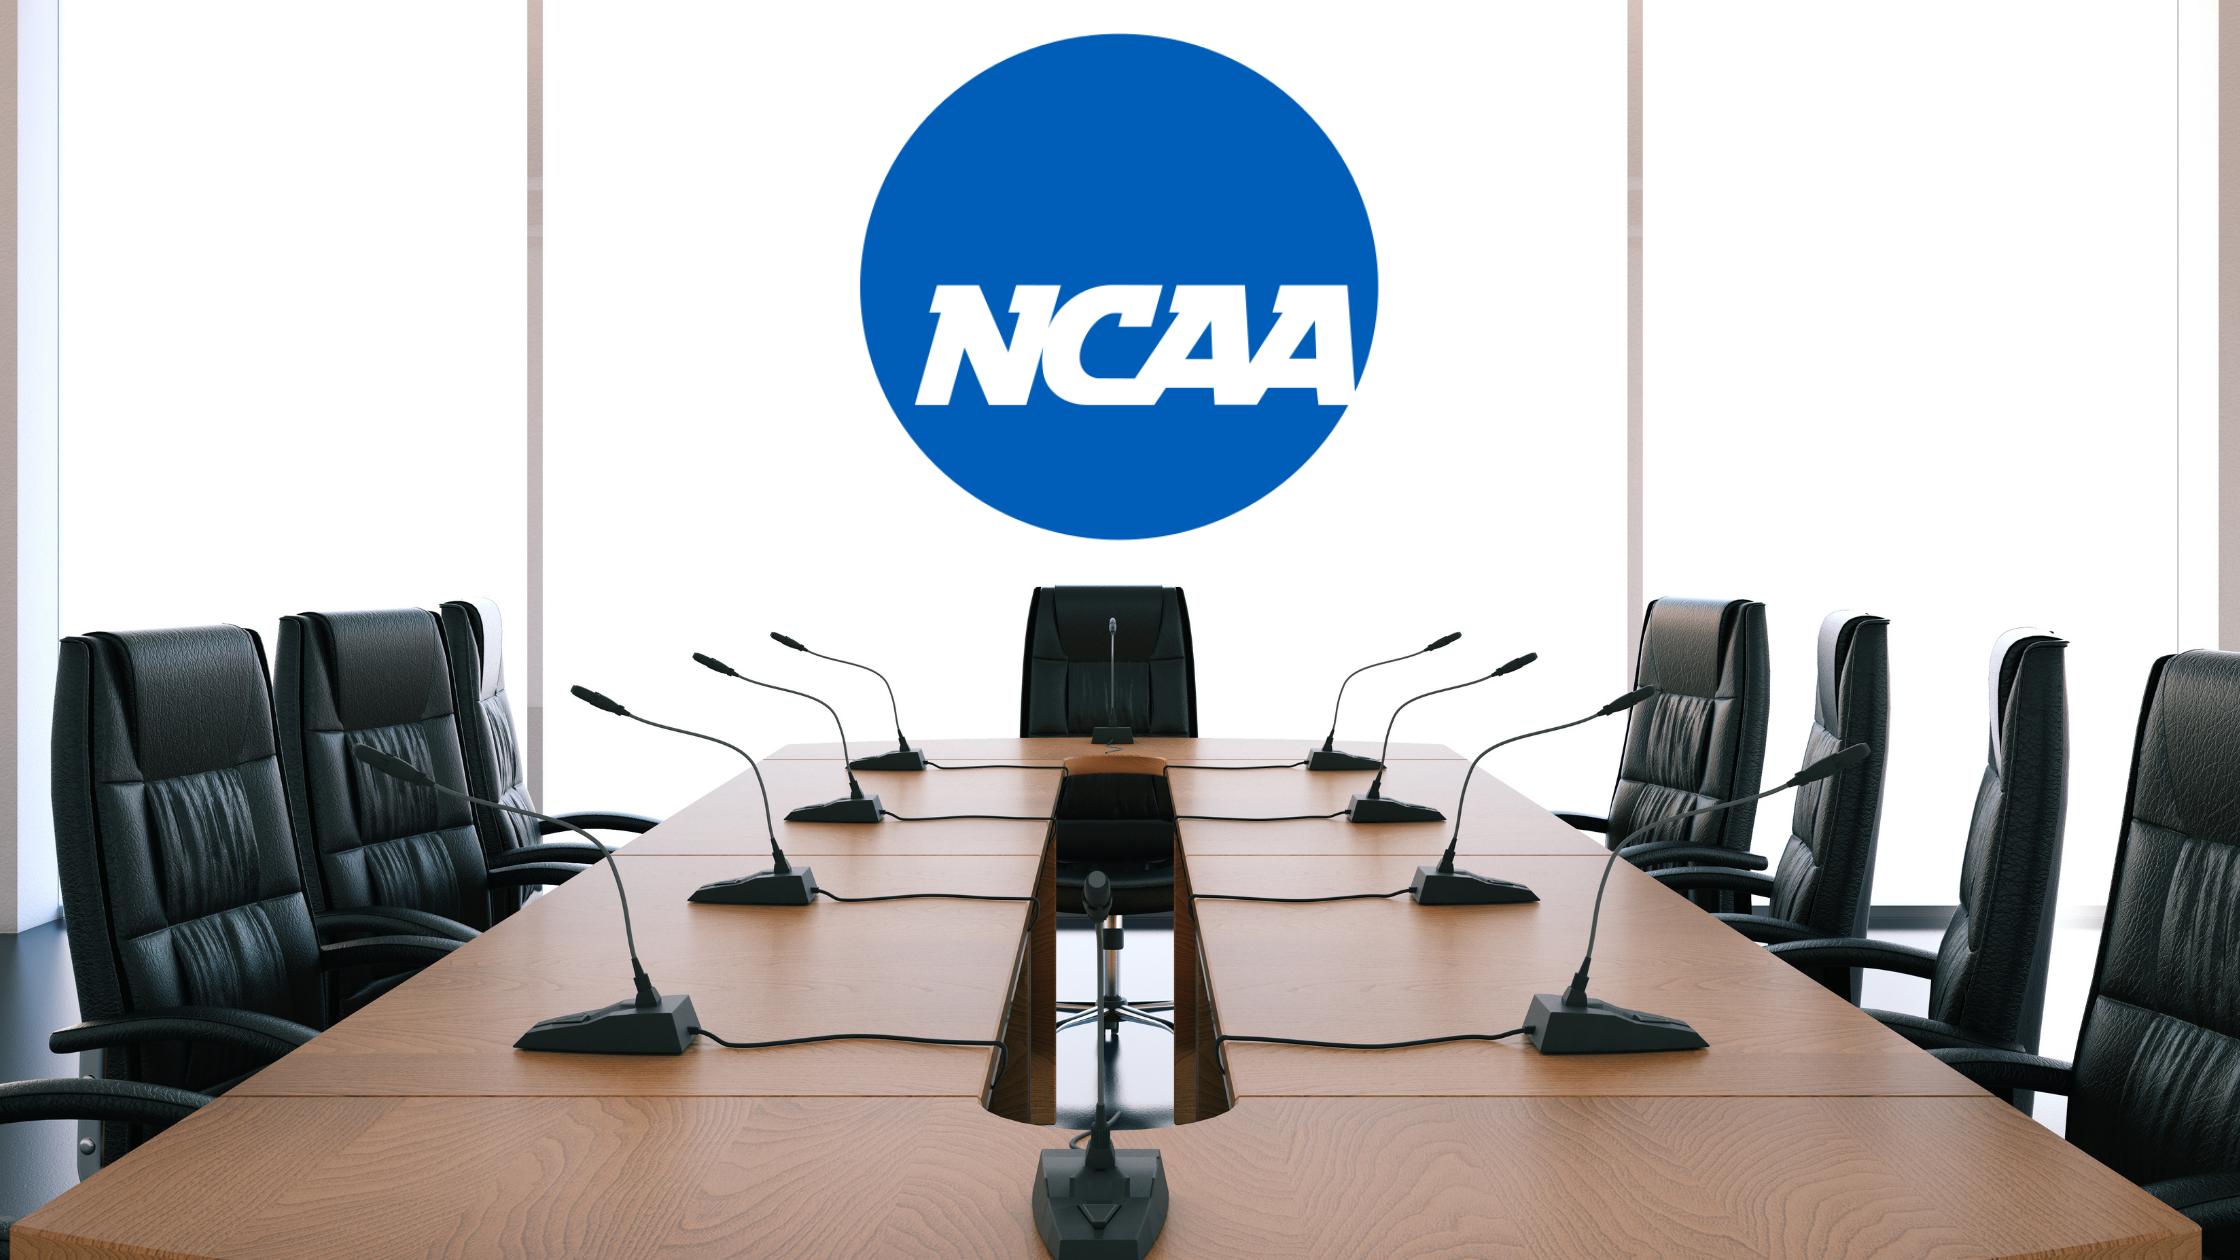 NCAA board room mock up